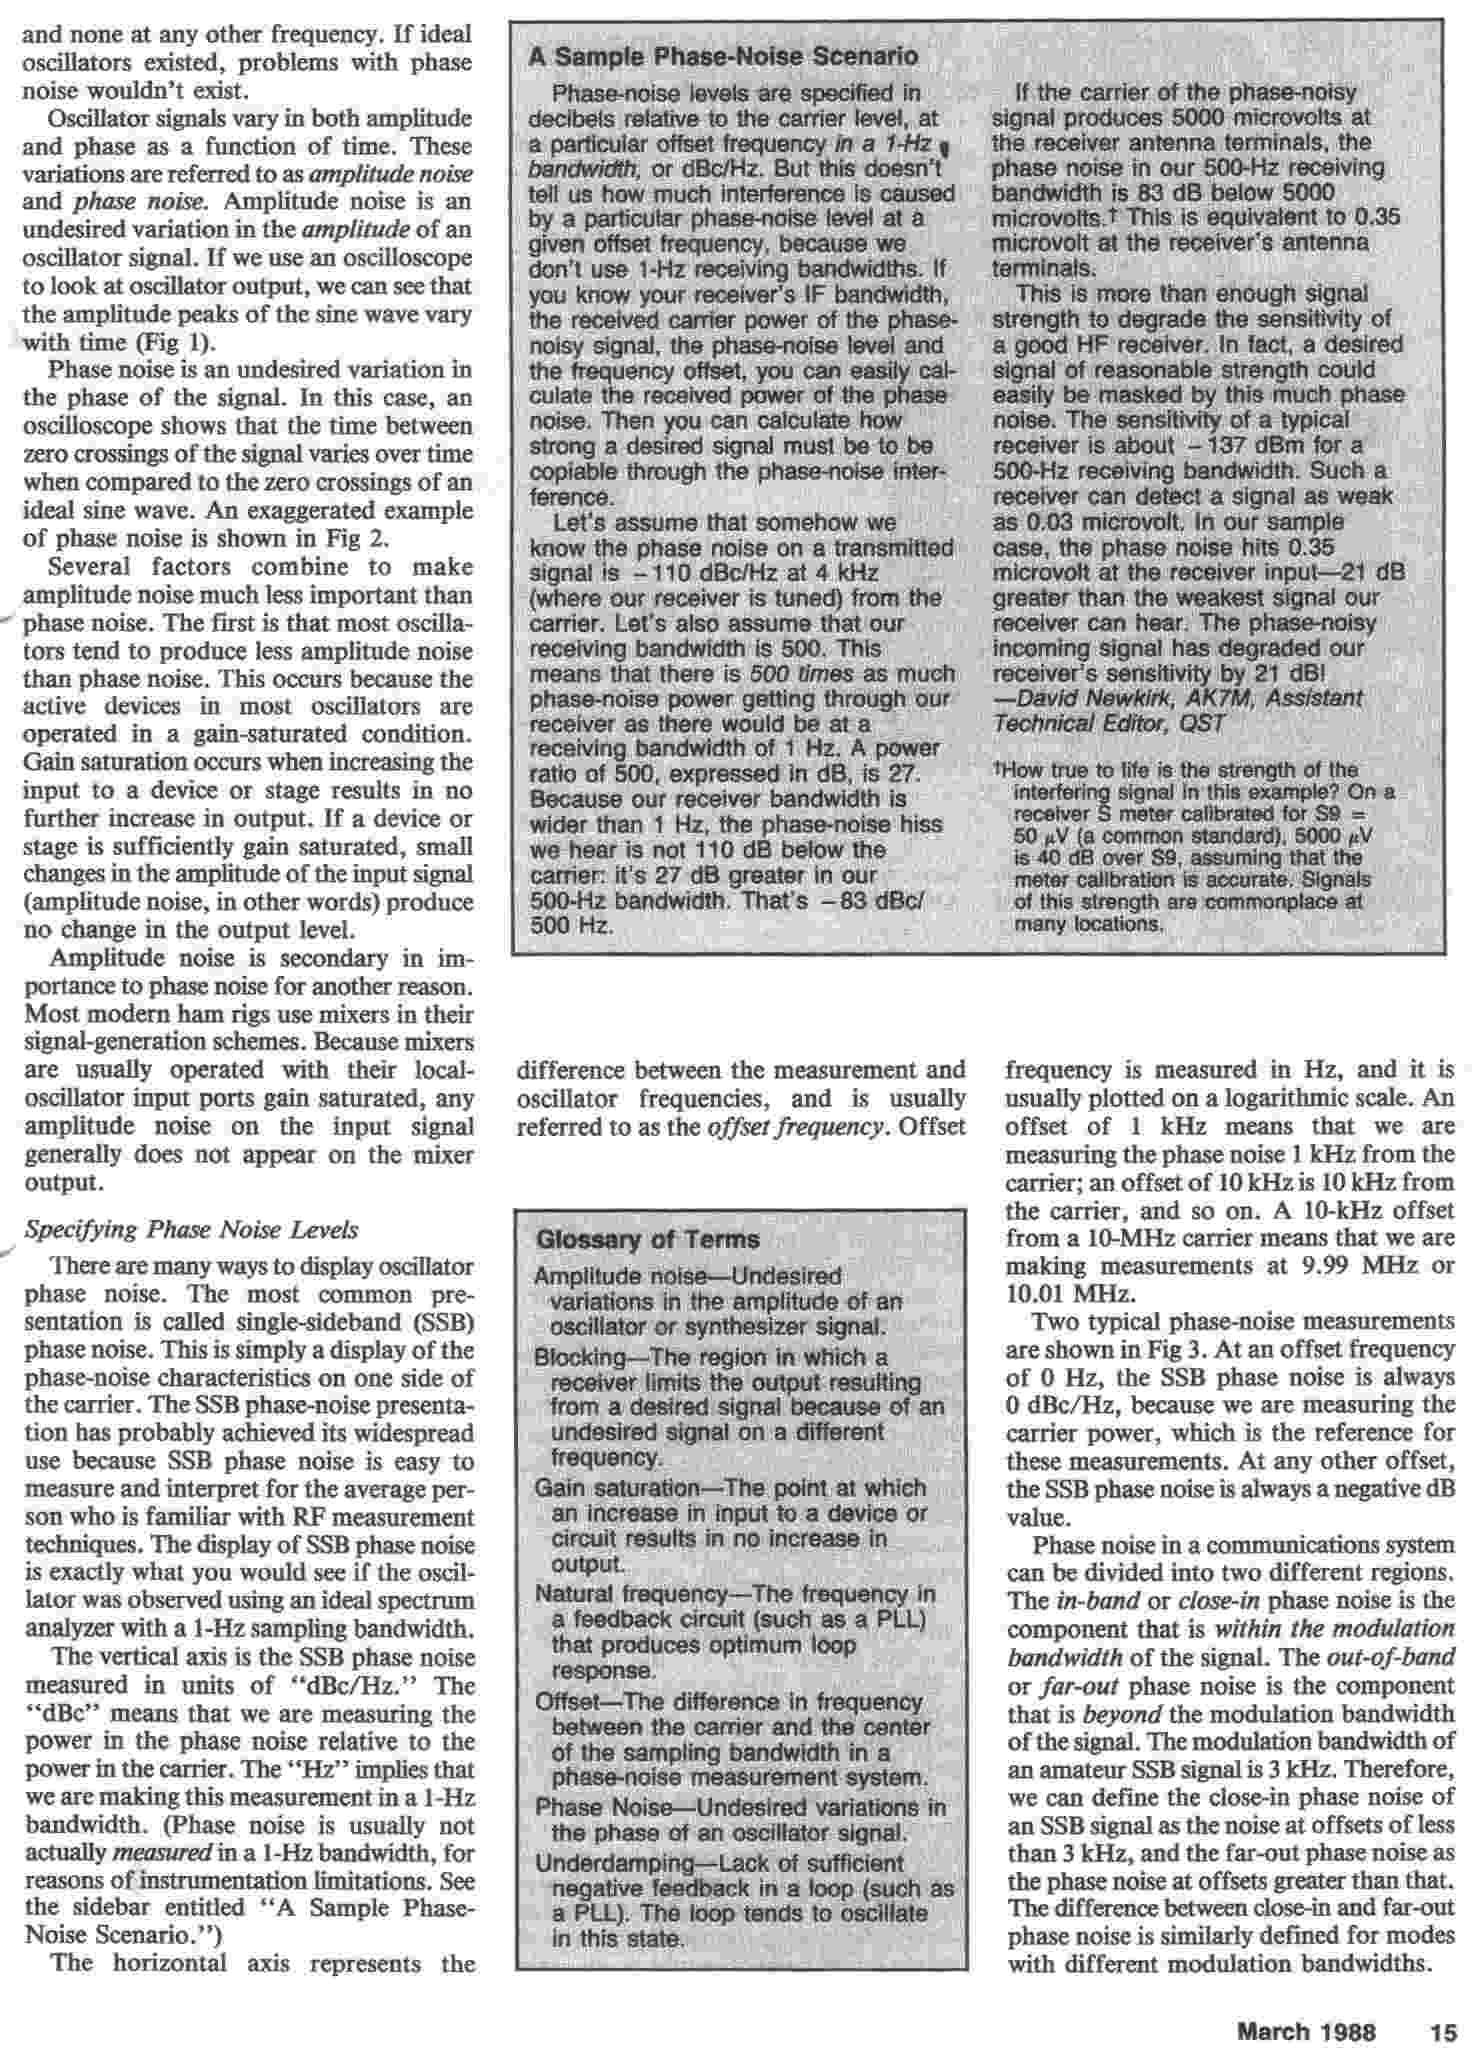 phase 6 kenwood ts 940sat n6pet my ham radio journal kenwood ts 940 sat service manual kenwood ts-940s service manual pdf